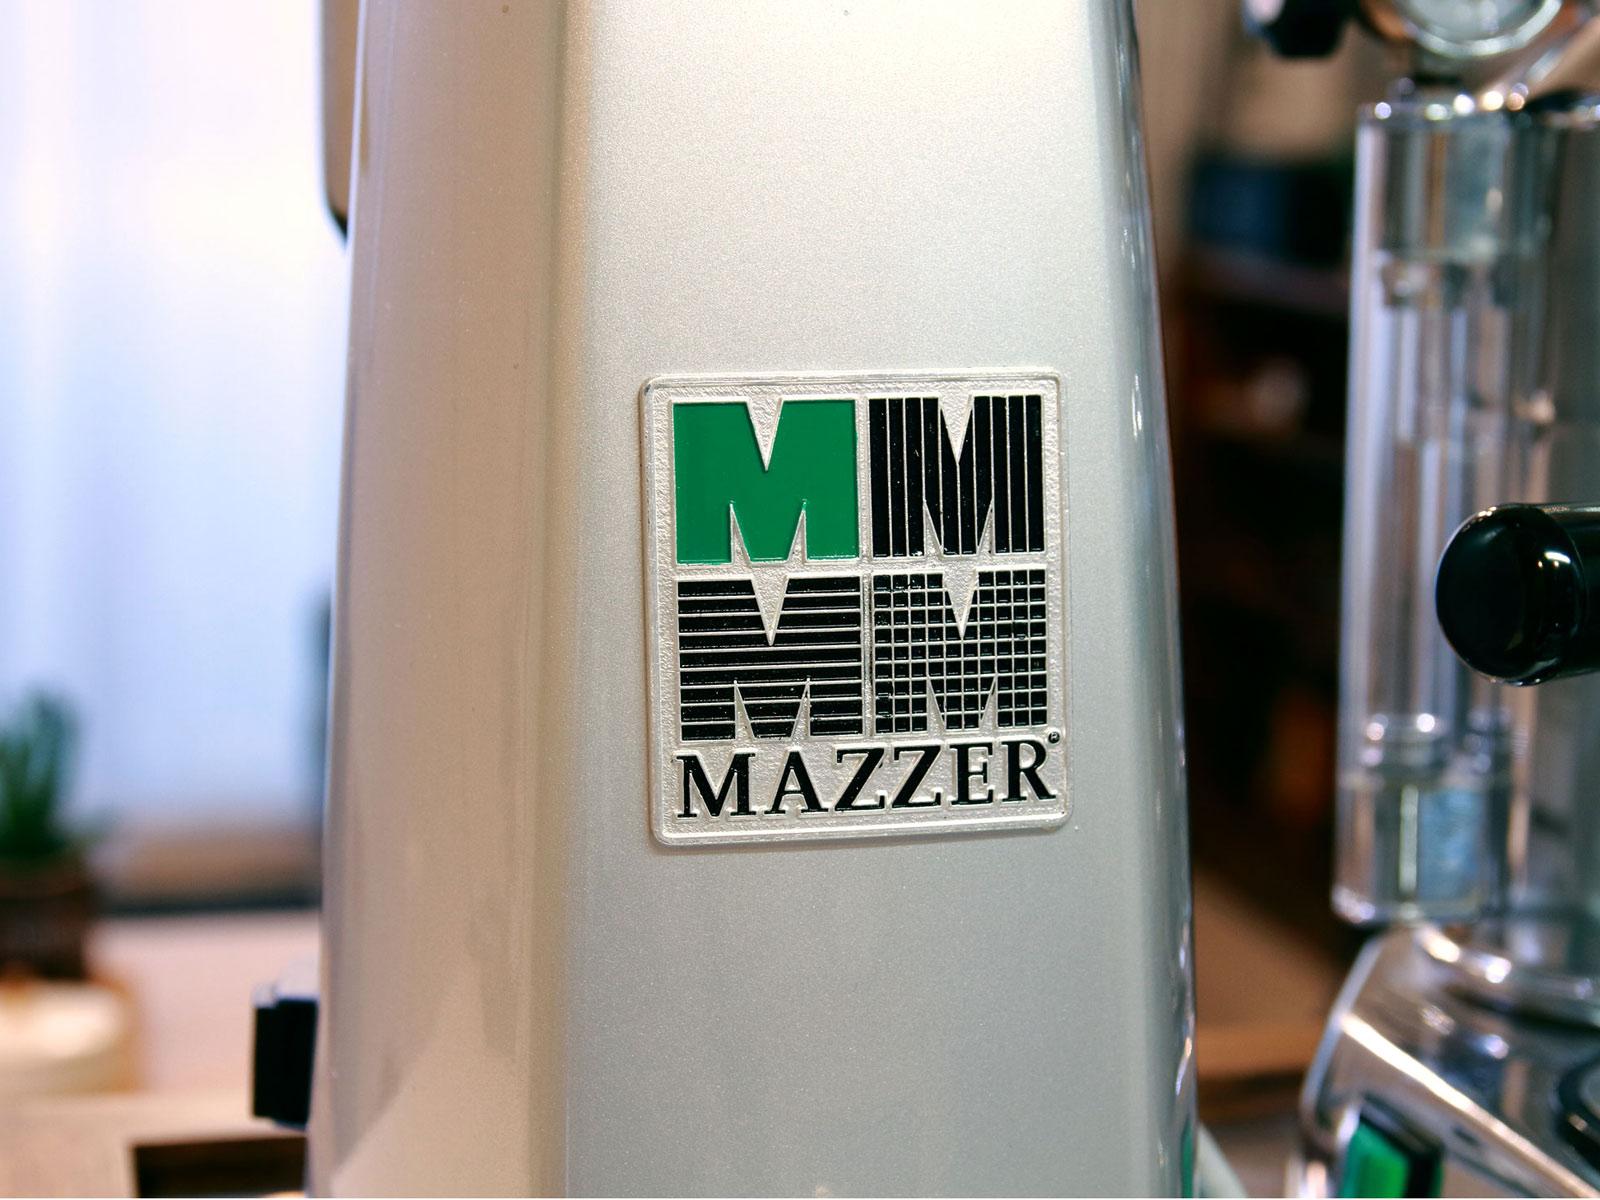 MAZZER(マッツァ)